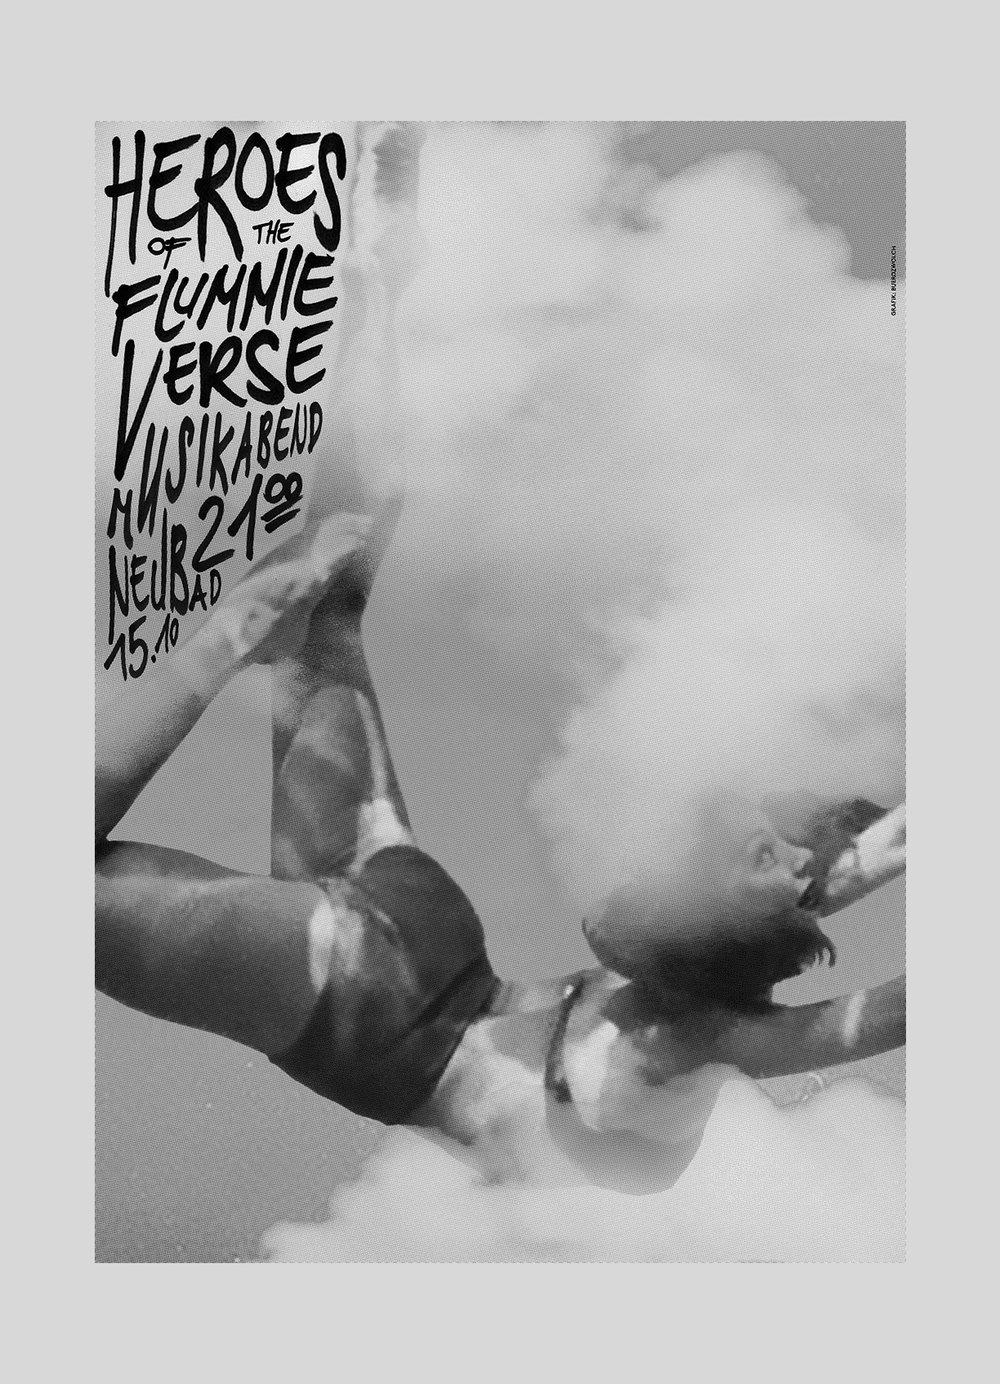 Neubad – heroes of the Flummieverse 2 | Plakatserie 2016  Veranstaltungsreihe von Musikabenden.